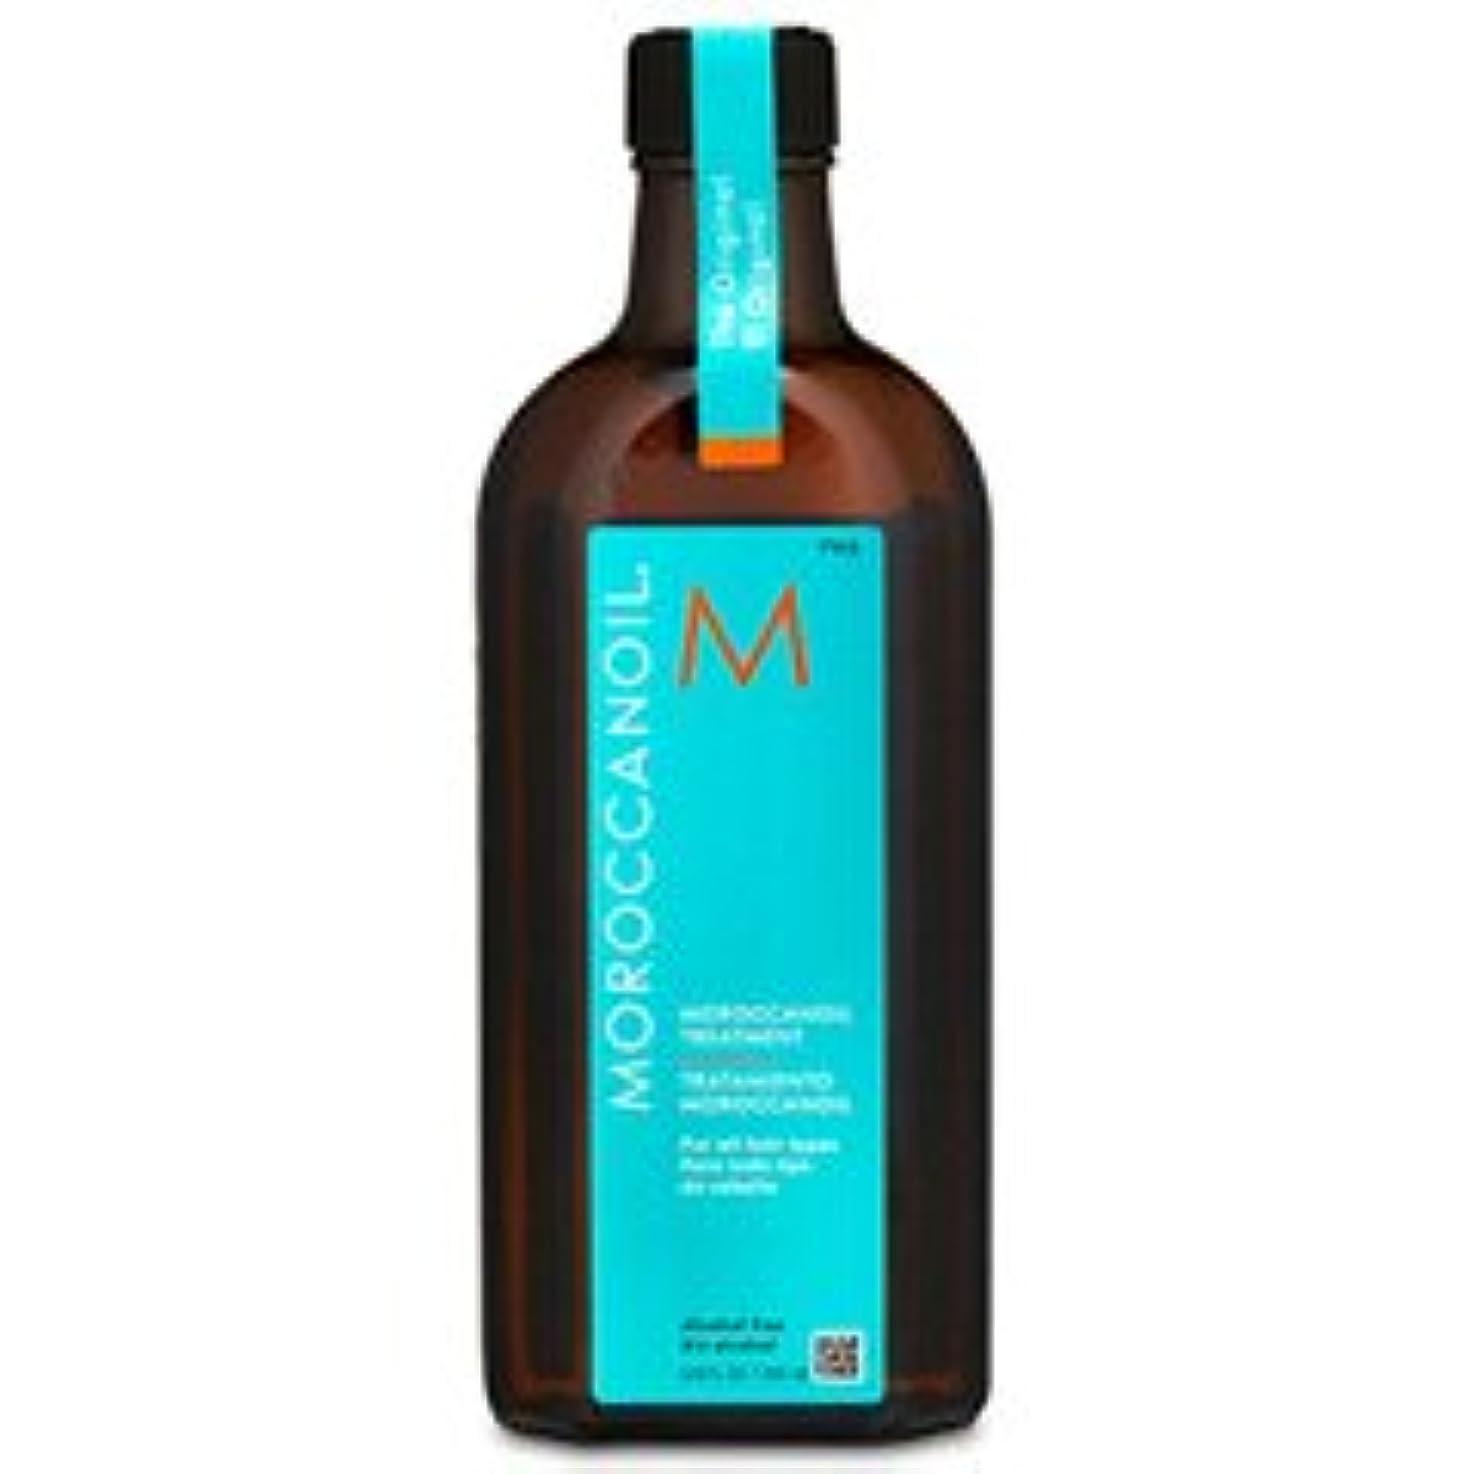 酸度磨かれた水分モロッカンオイル(MOROCCANOIL) モロッカンオイル オイルトリートメント 200ml [海外直送品] [並行輸入品]